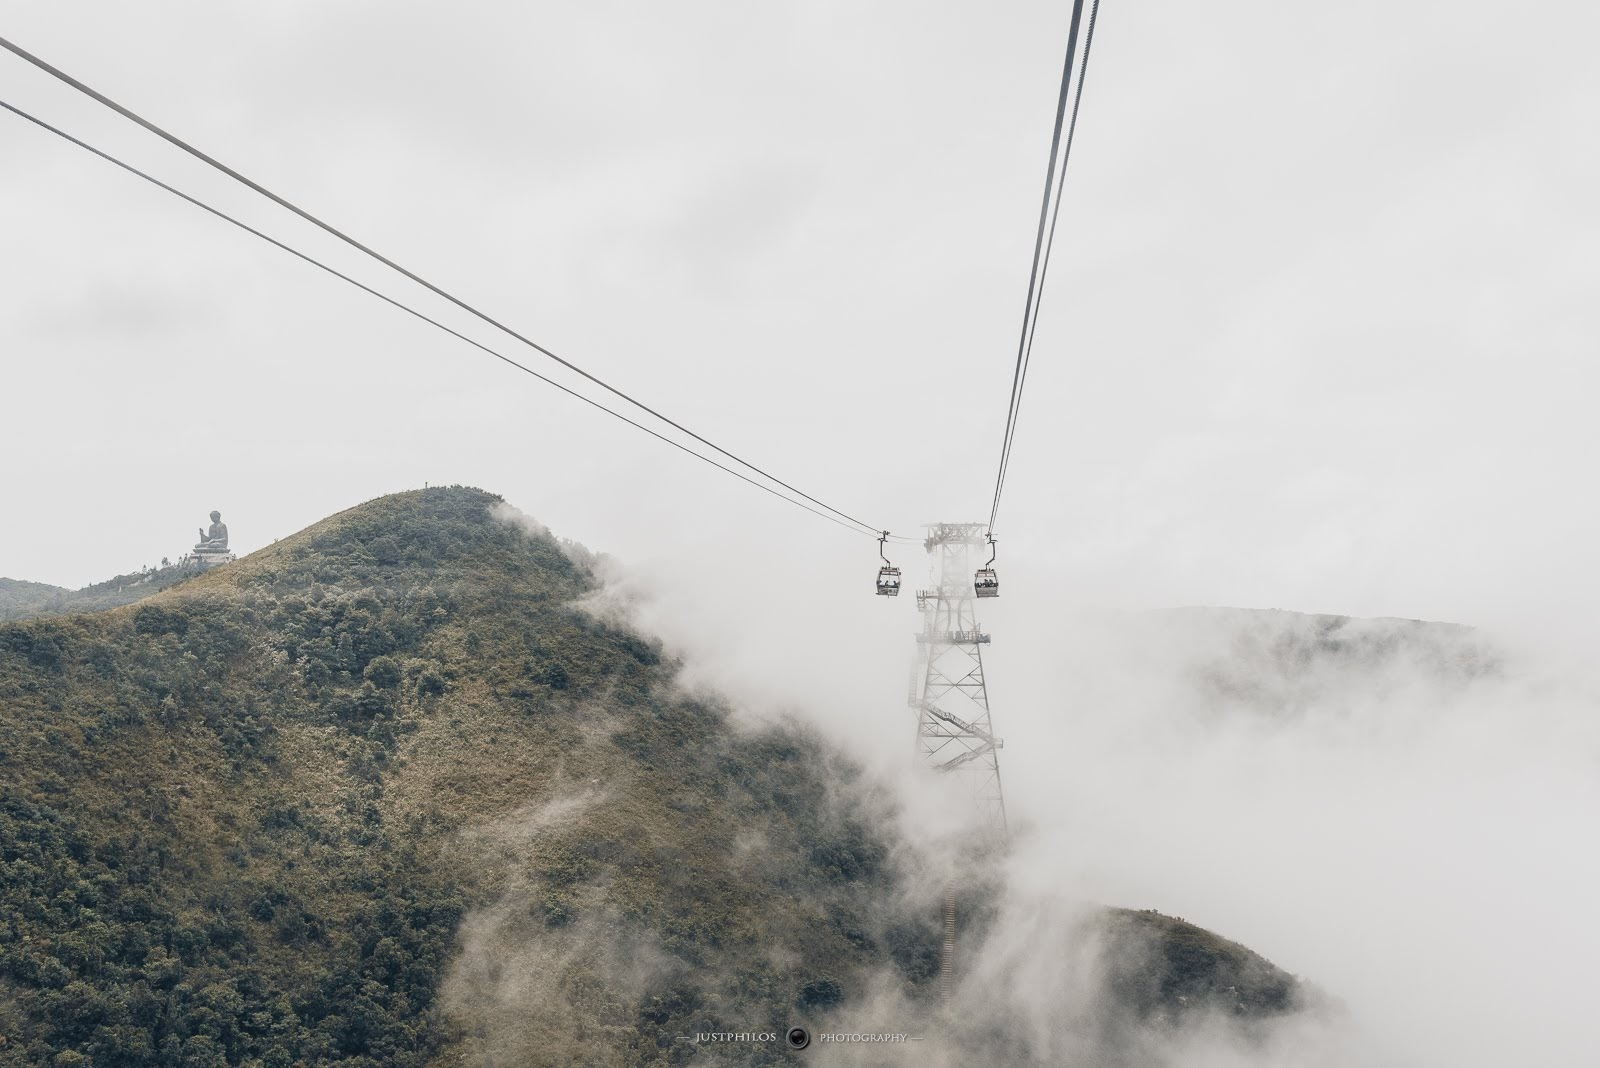 當天上午的天氣沒有很好,能見度相當差,但還是可見遠處的大嶼山大佛。